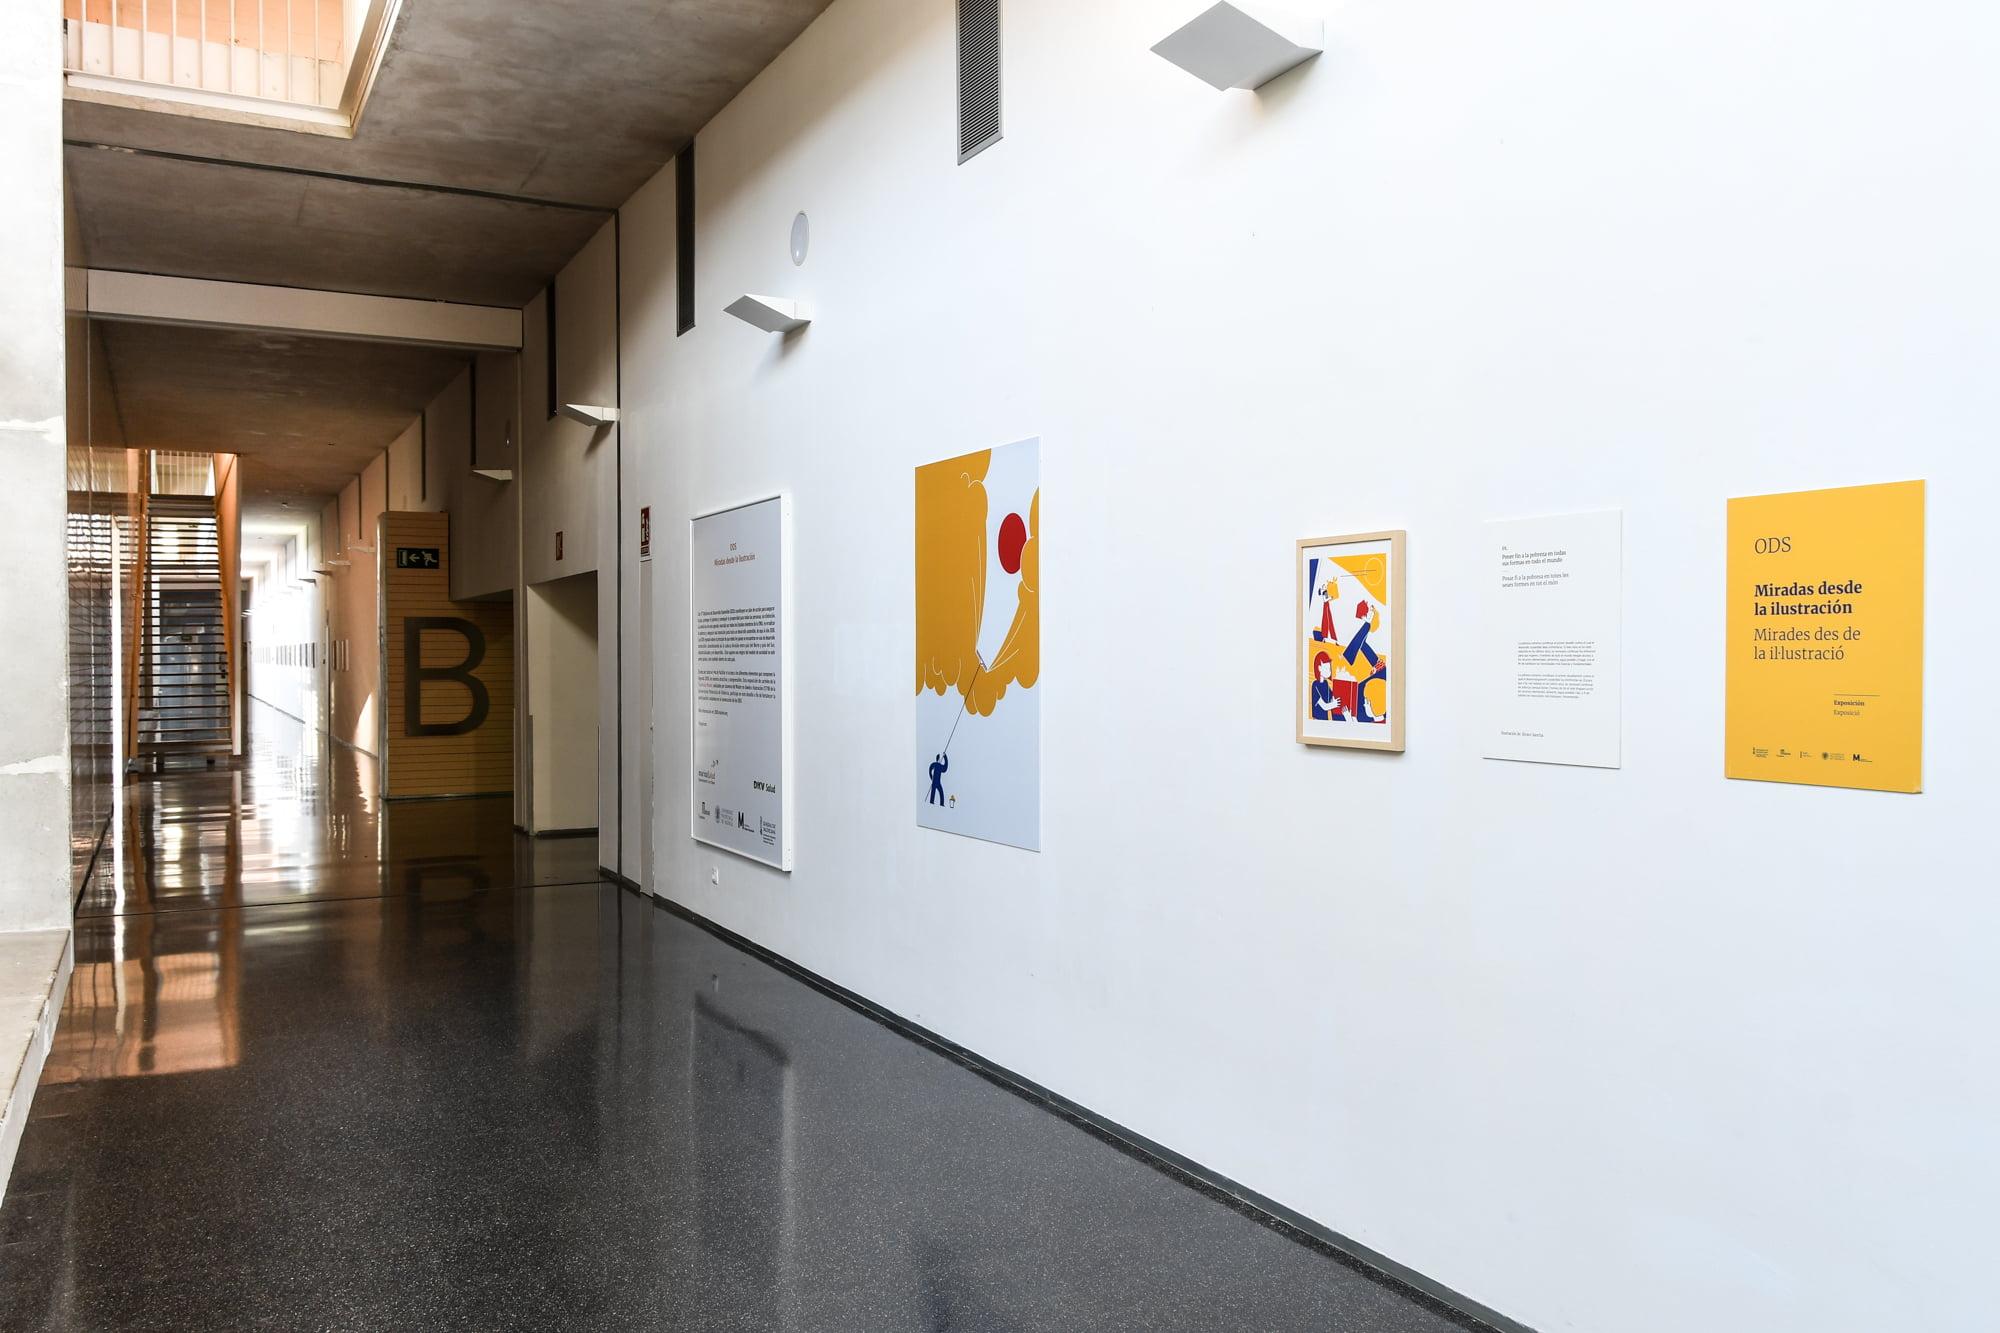 Exposición ODS-Miradas de la Ilustración